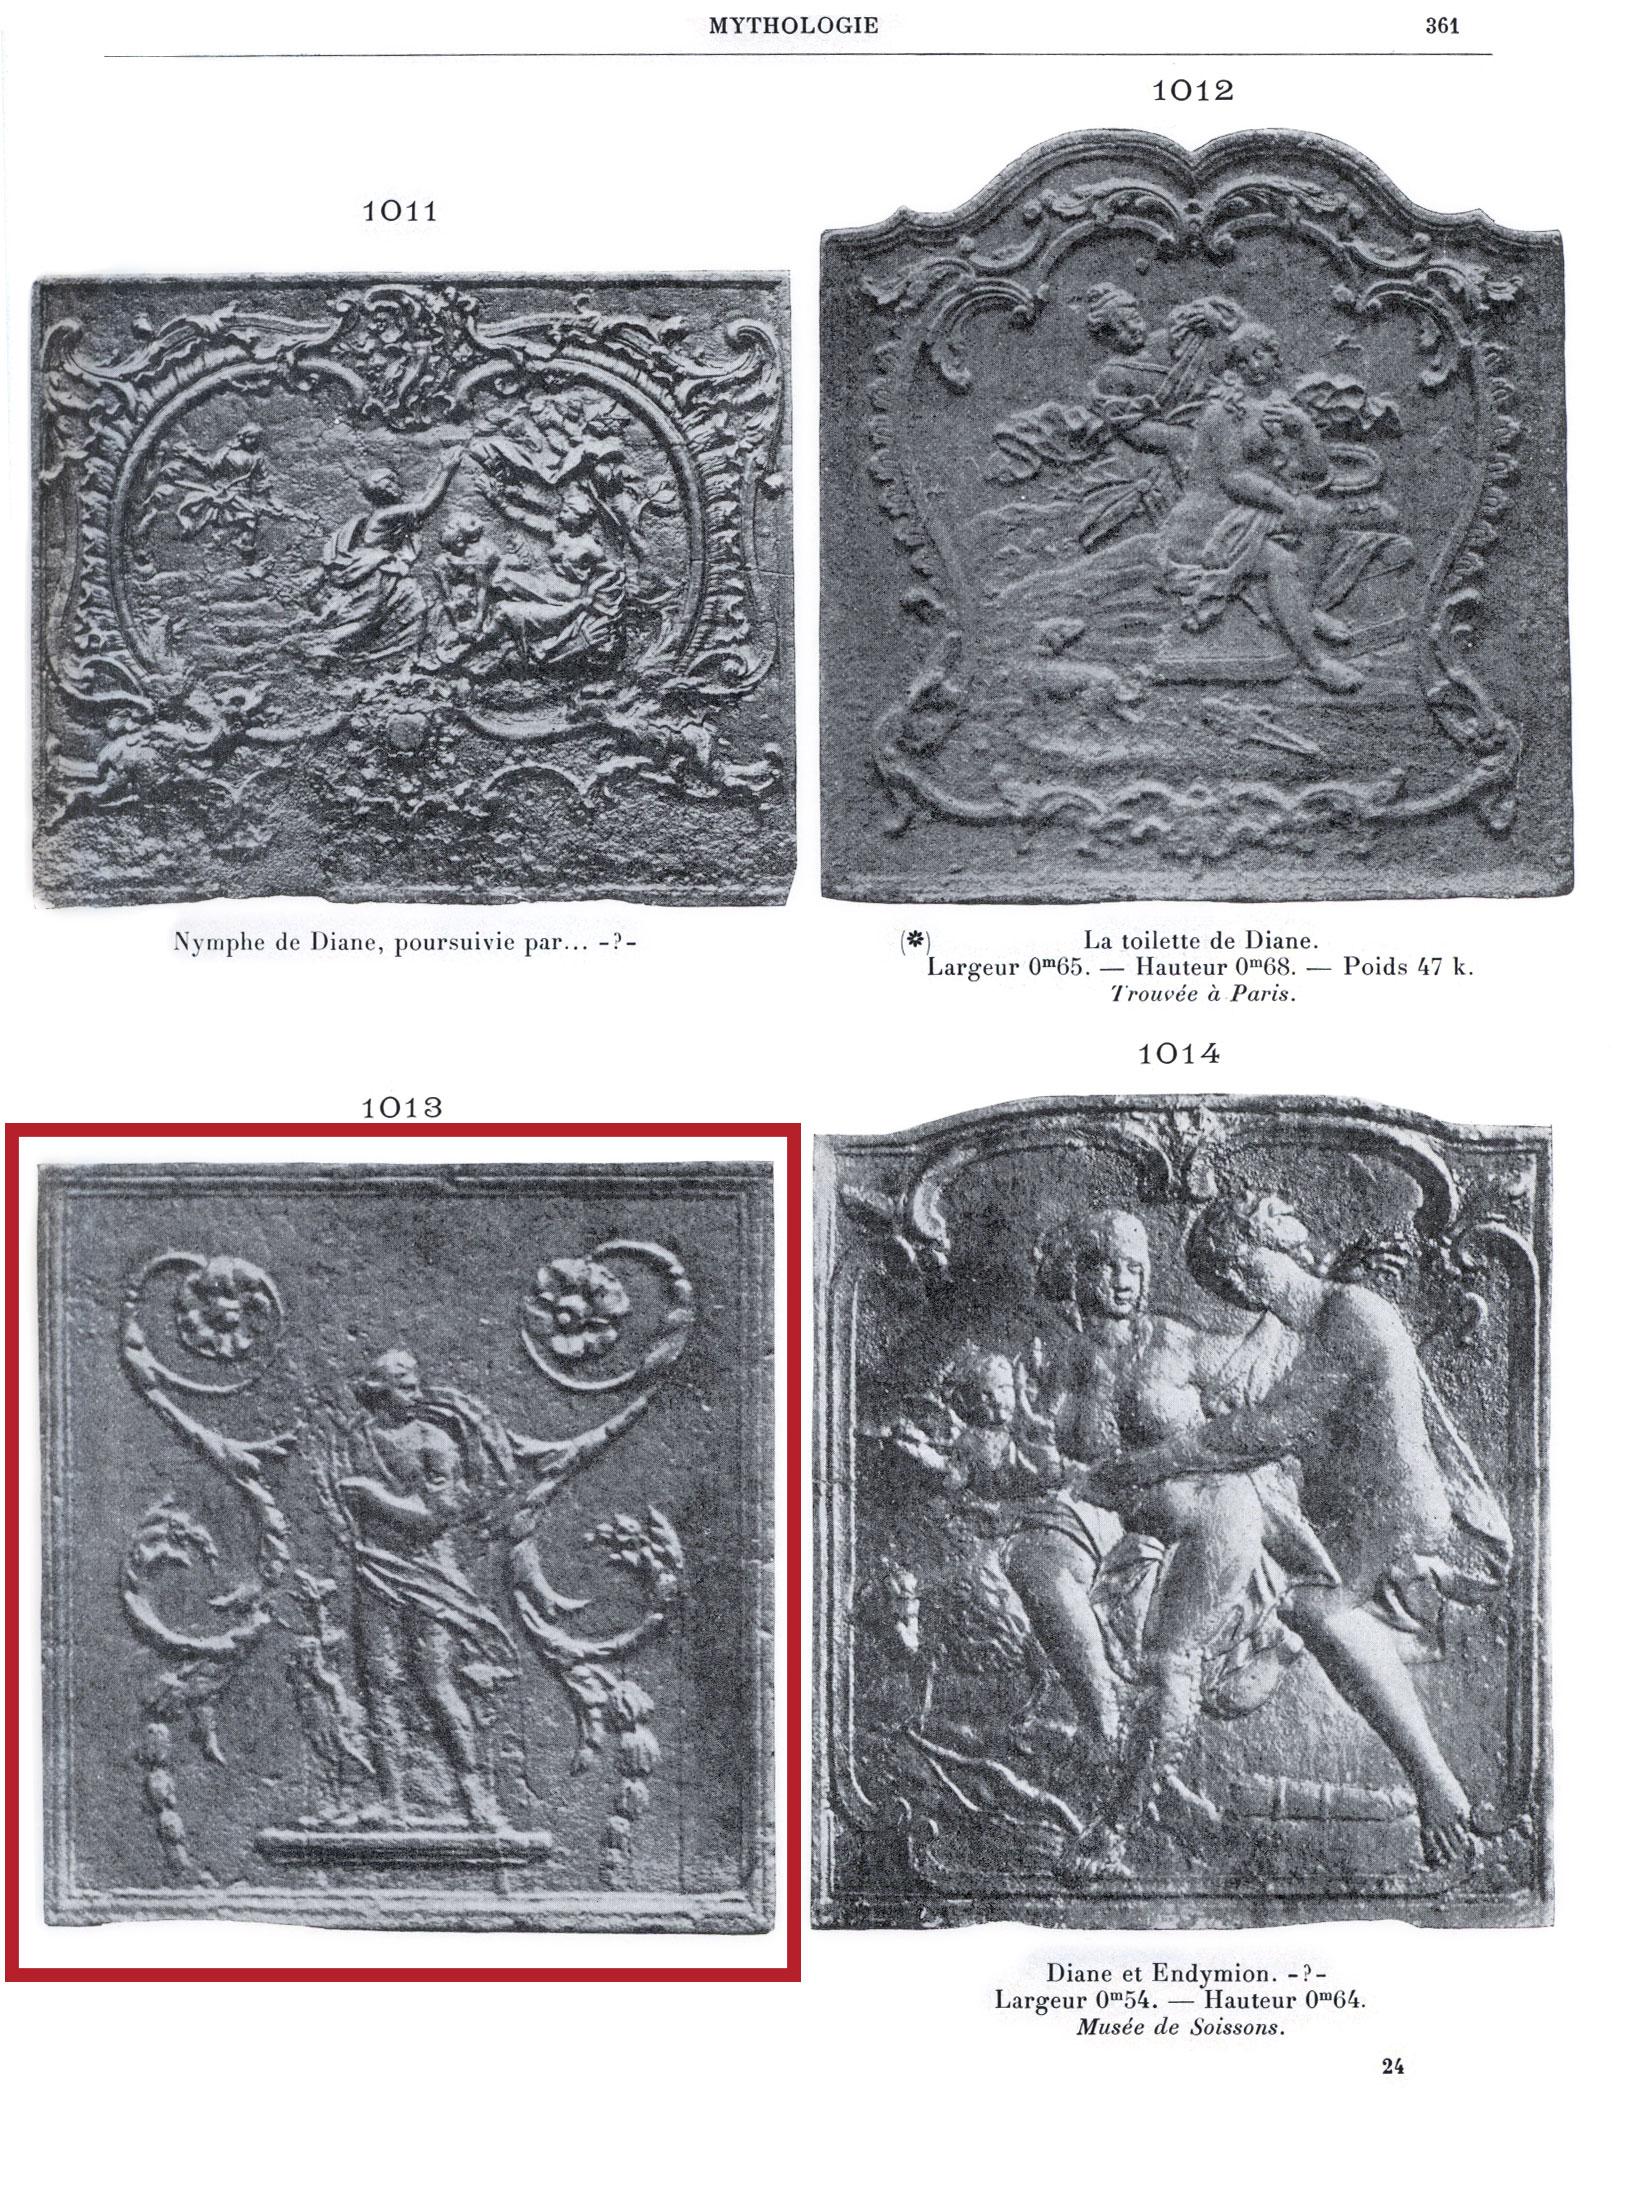 Picture from the book of Henri Carpentier - Les plaques de cheminées